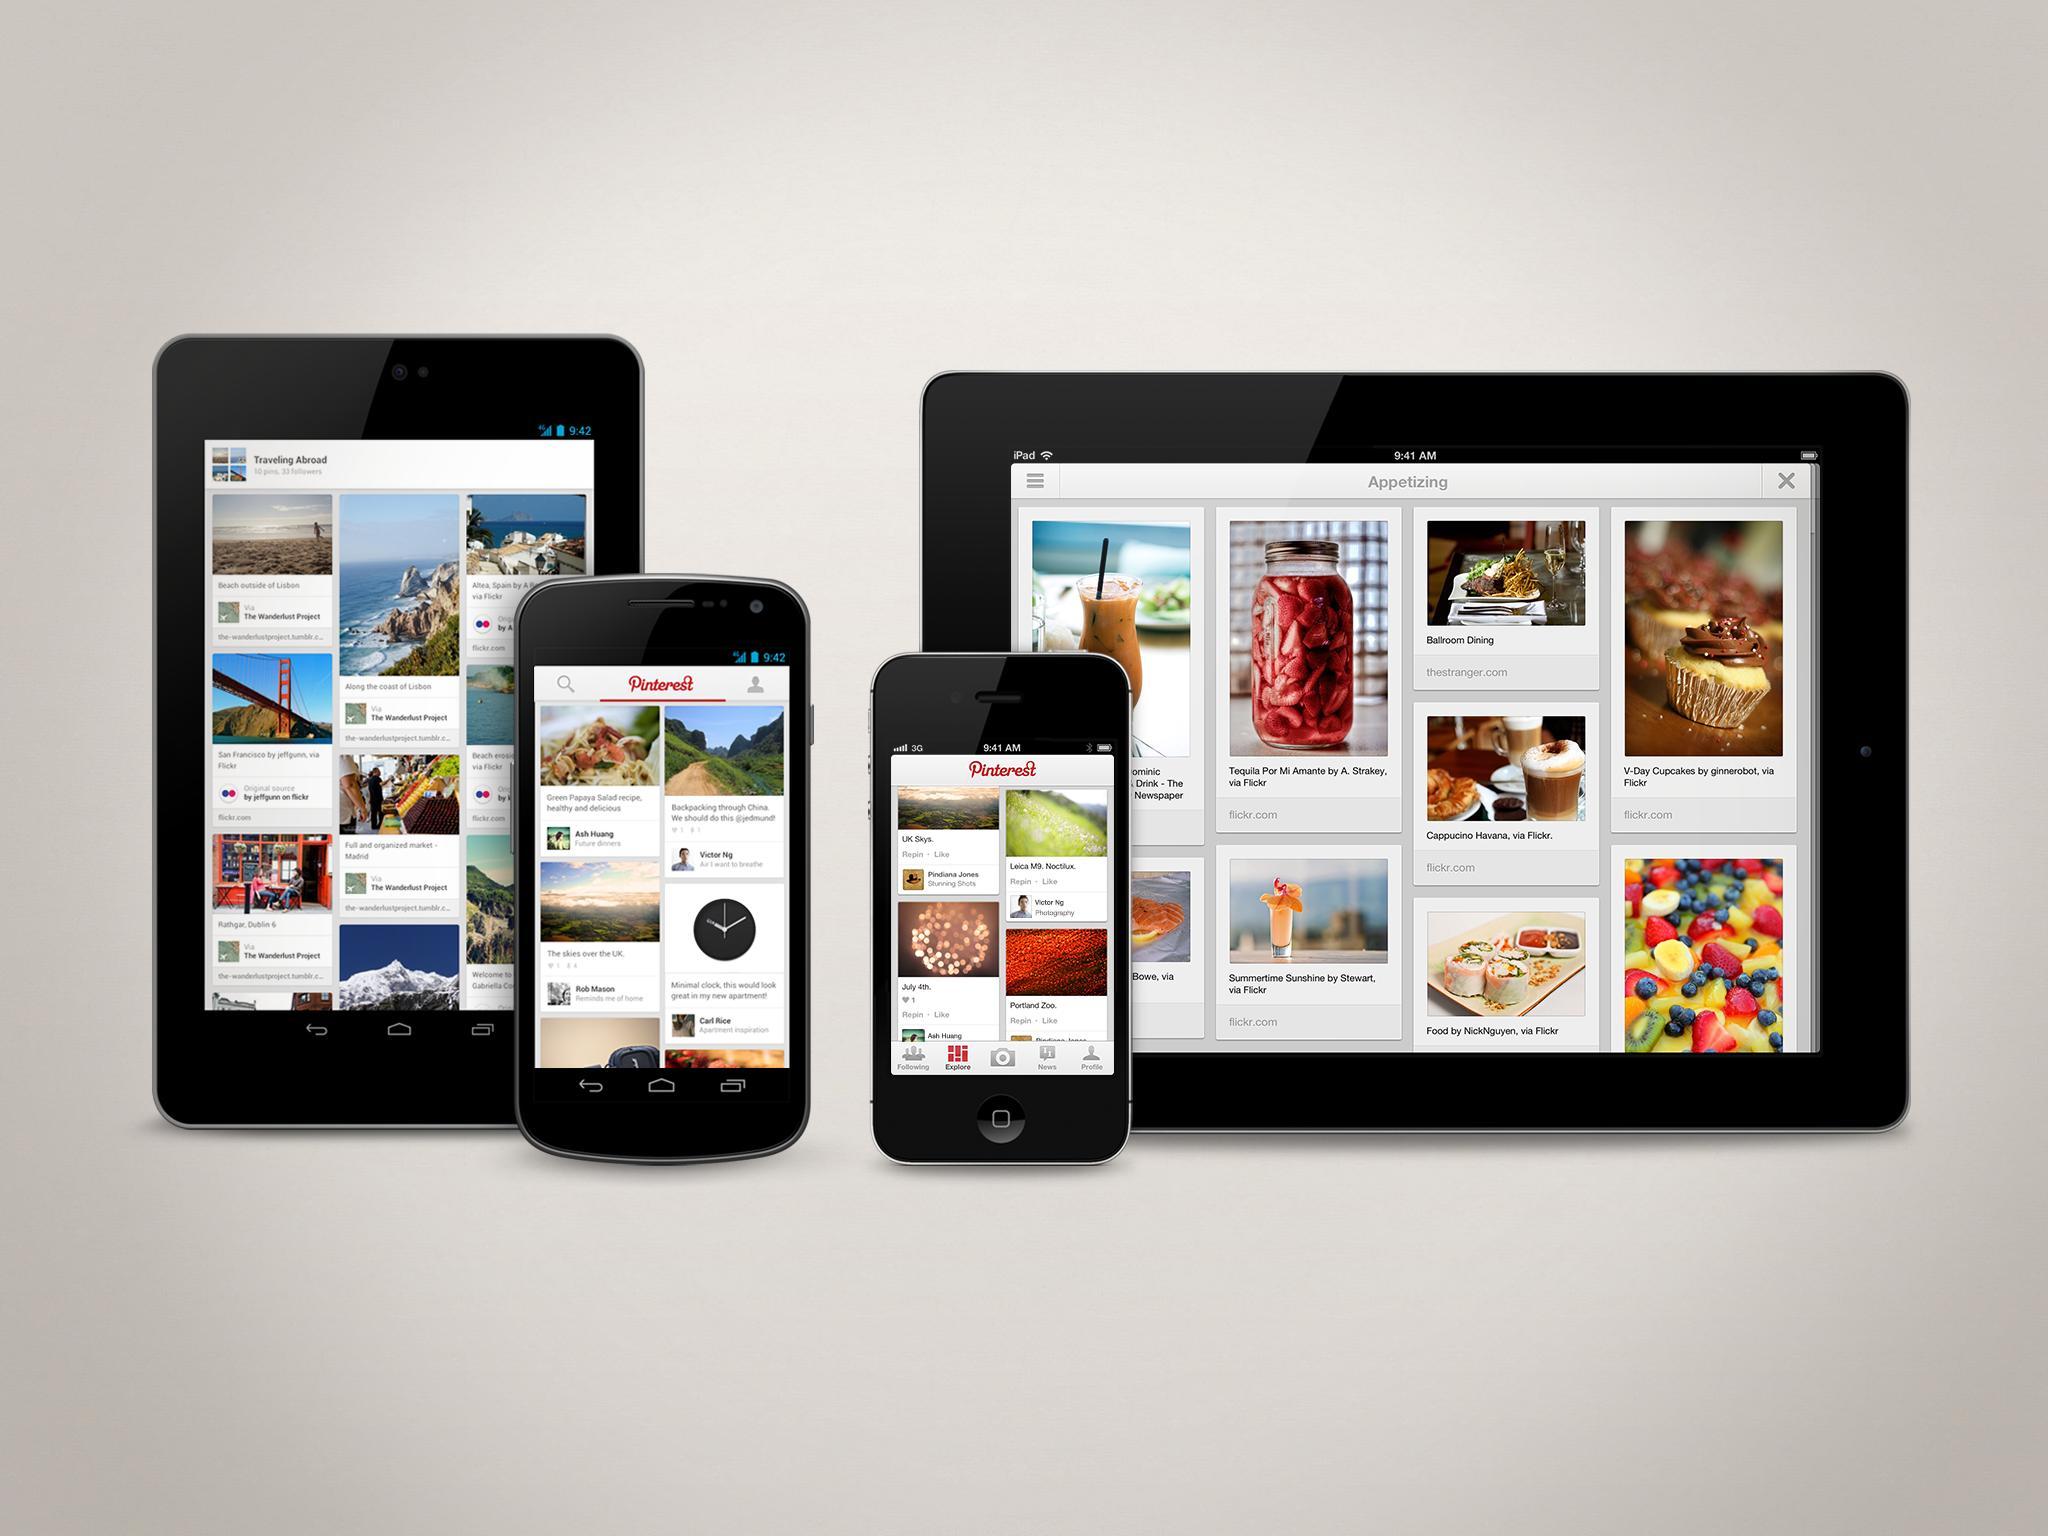 Как получить информацию об объектах на фотографиях и о том, что вас окружает - android - cправка - google ассистент